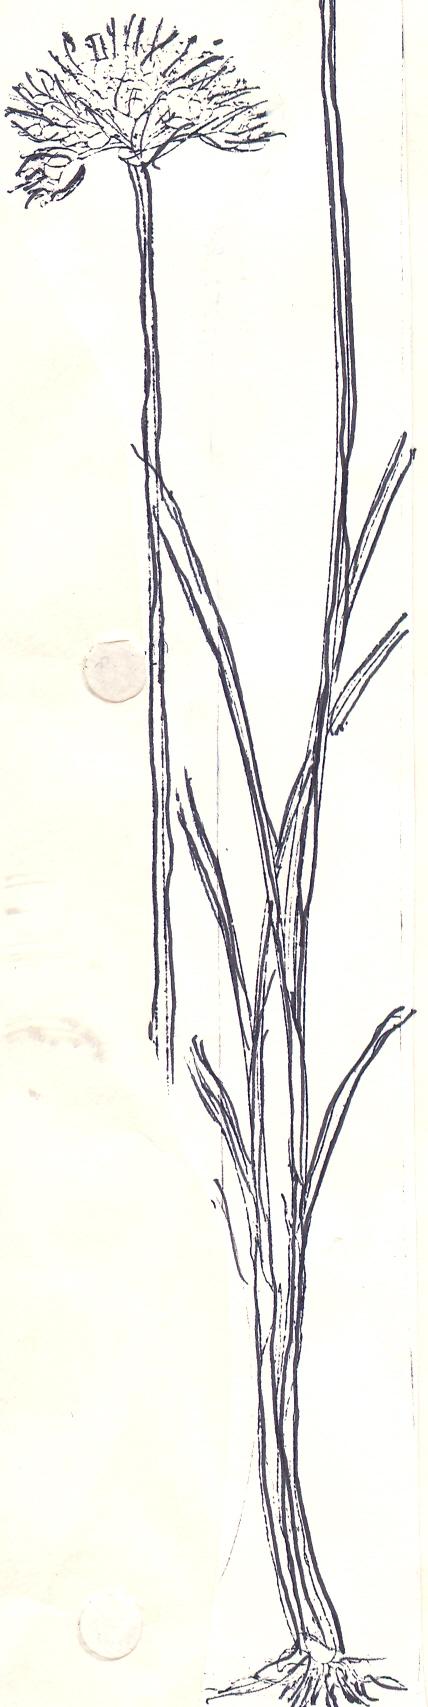 Allium%20brevidentatum2.jpg